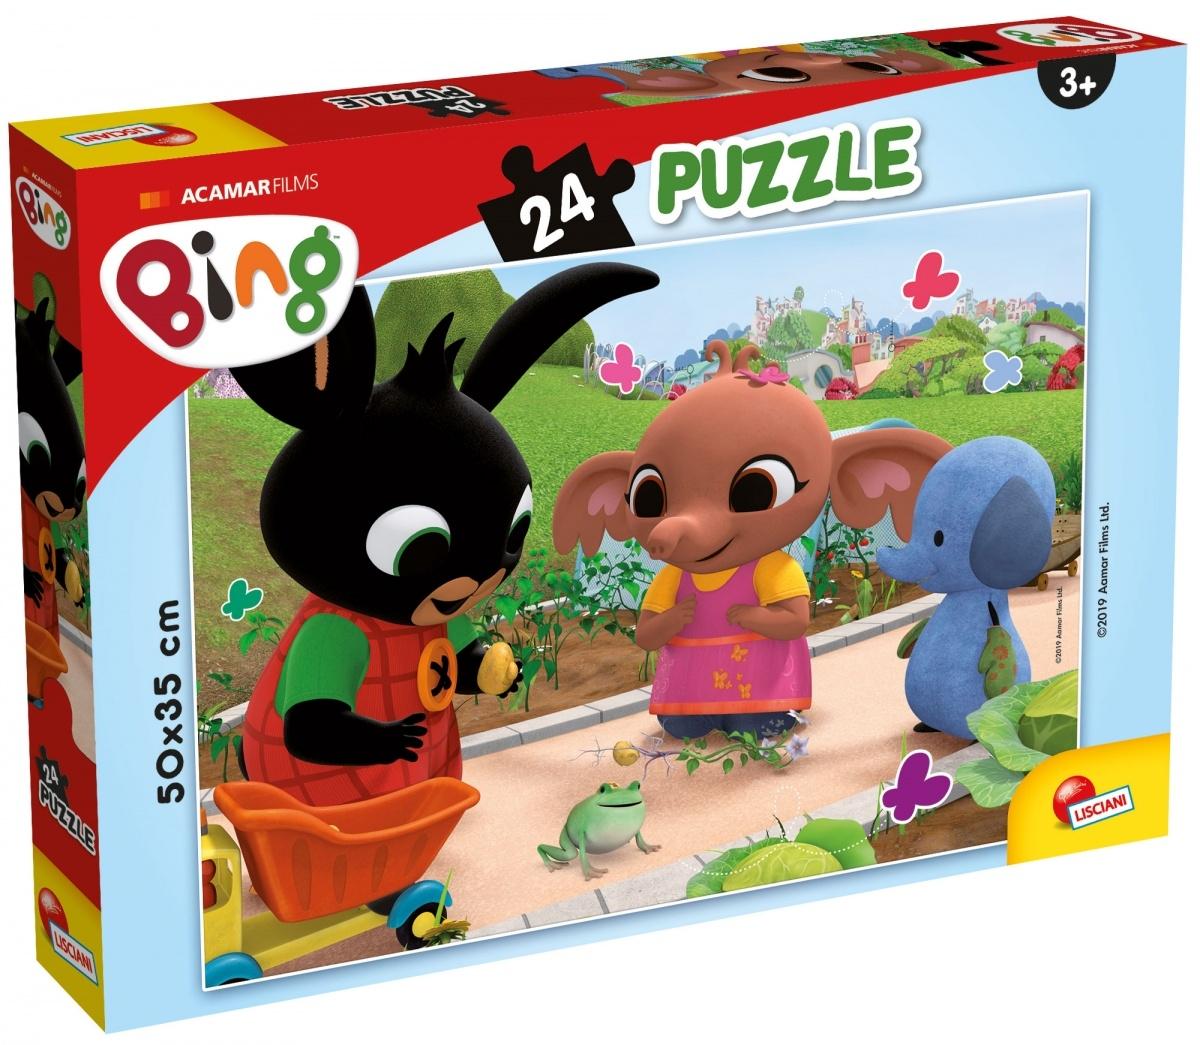 Puzzle Plus 24: Bing 4 (304-77991)